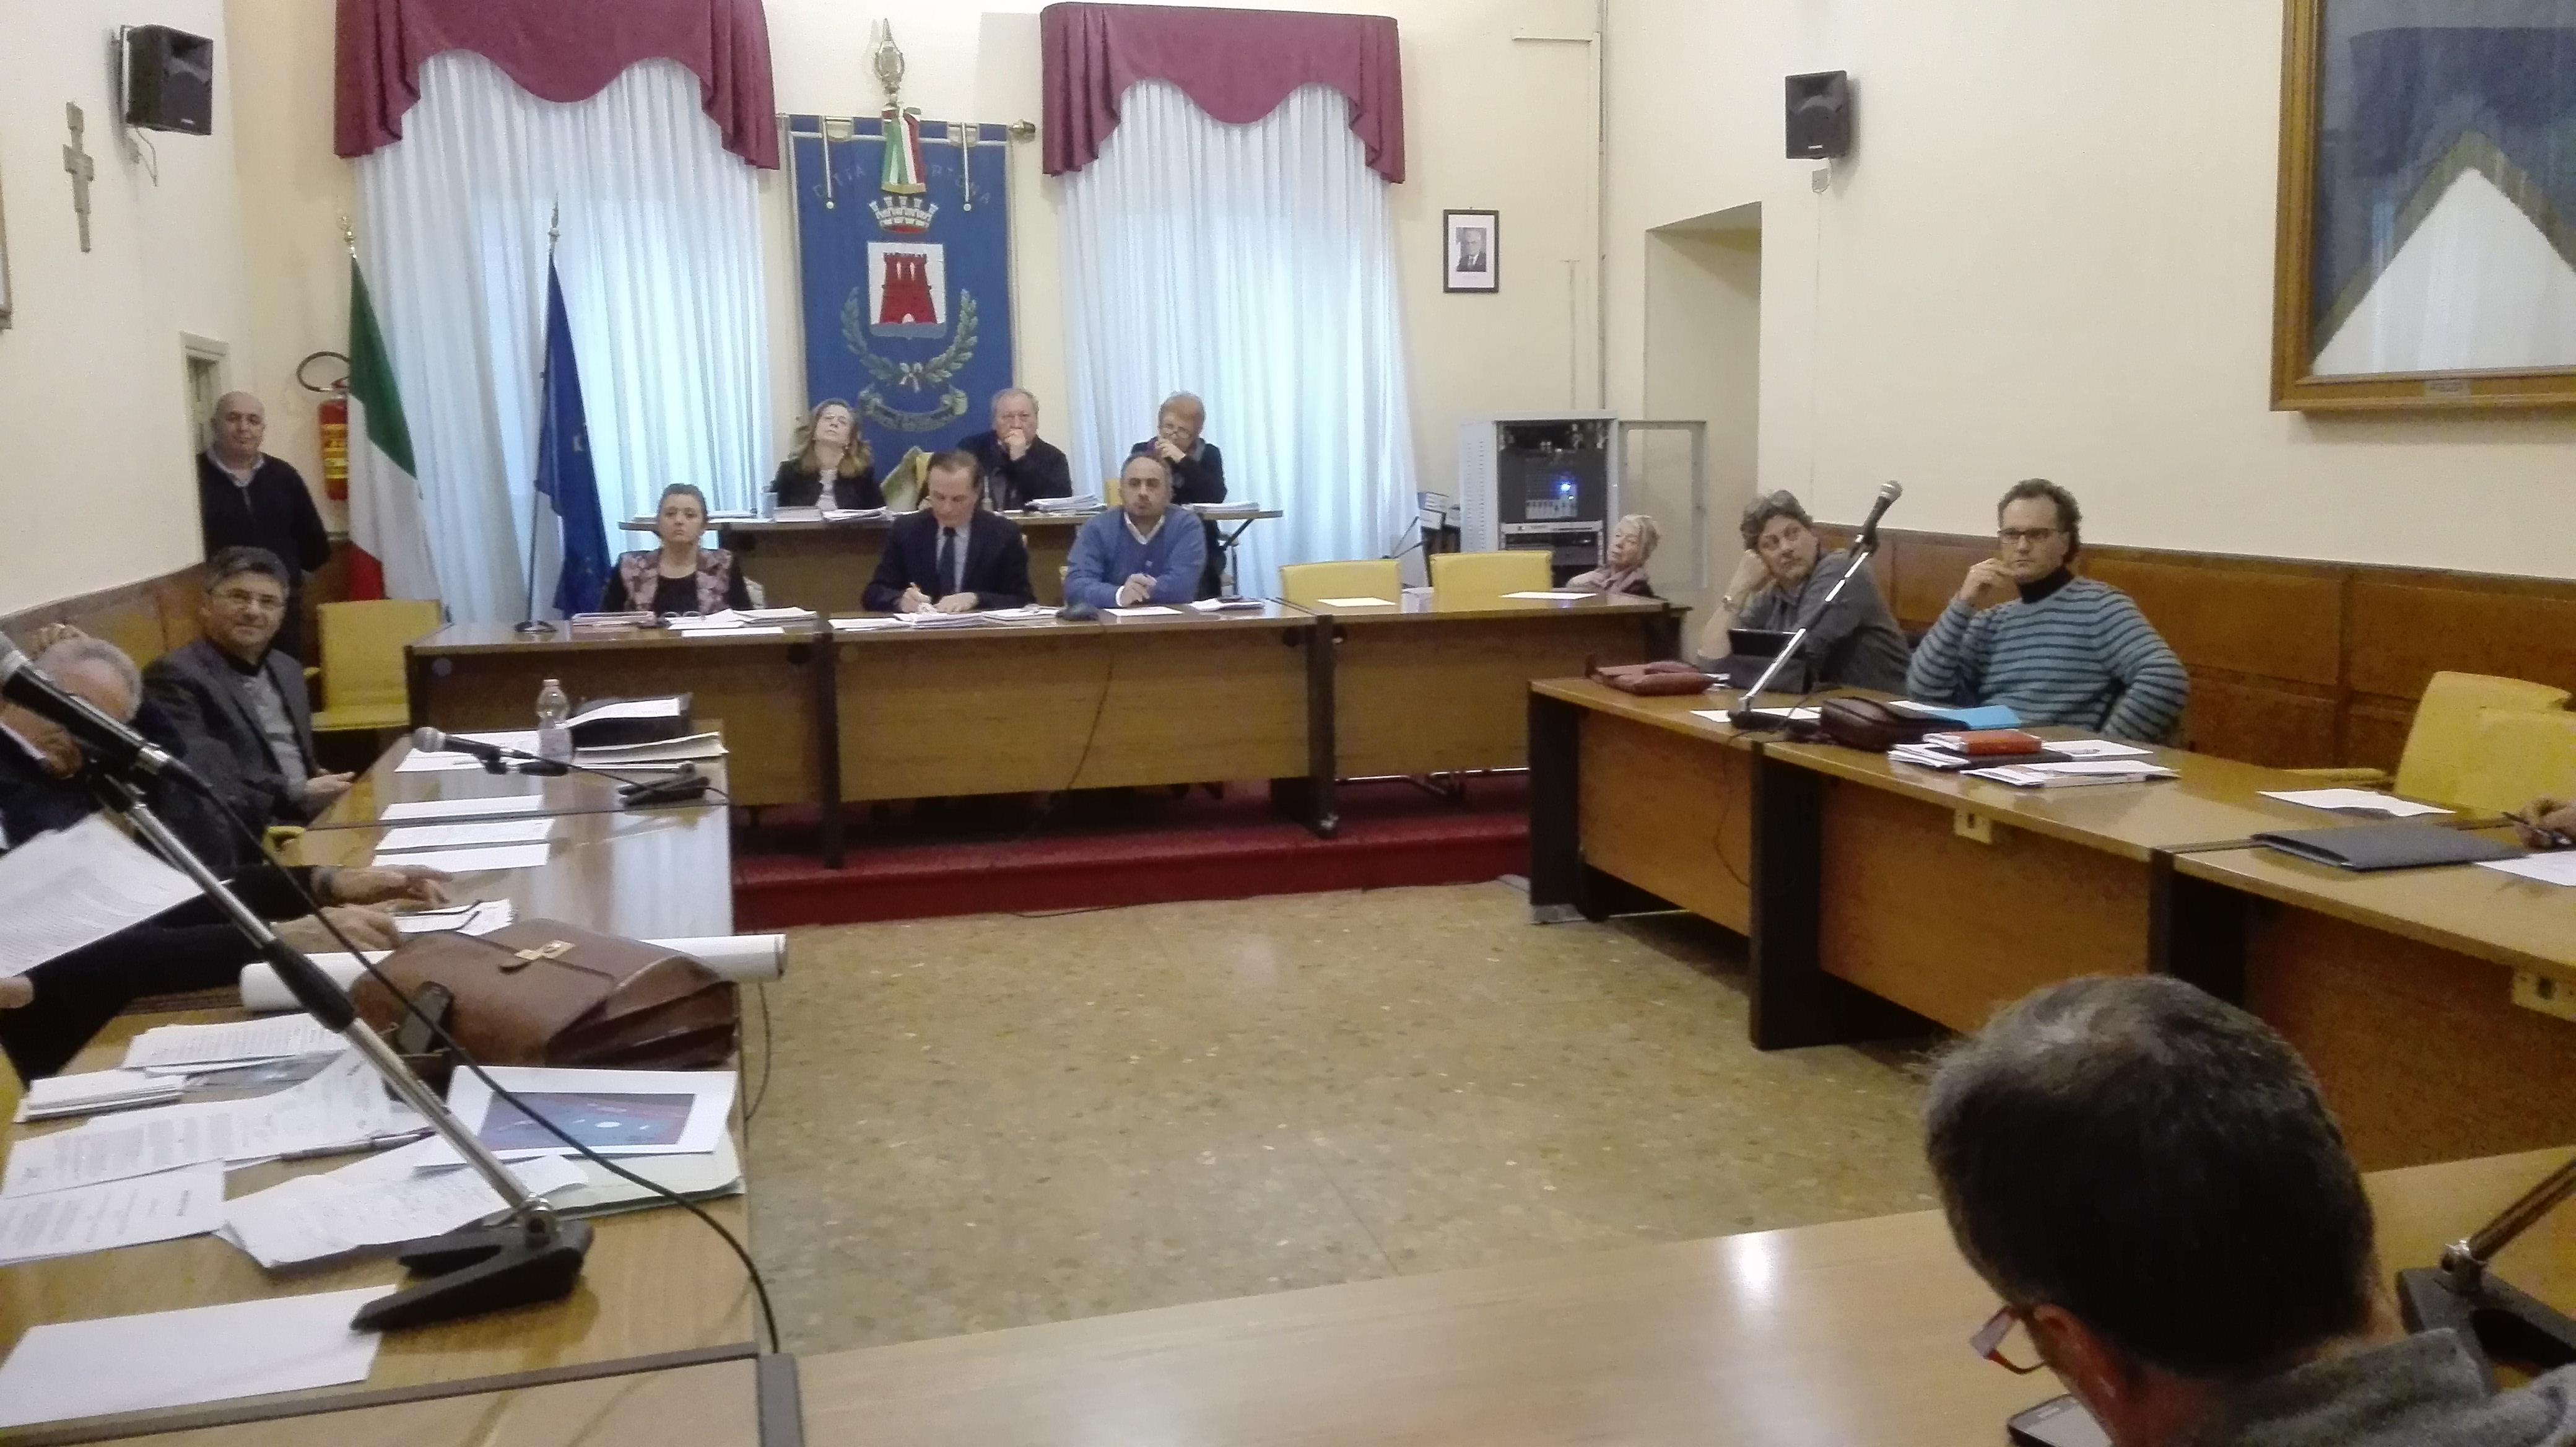 Ortona, Consiglio comunale. Rinviato il punto su referendum per il deposito di GPL